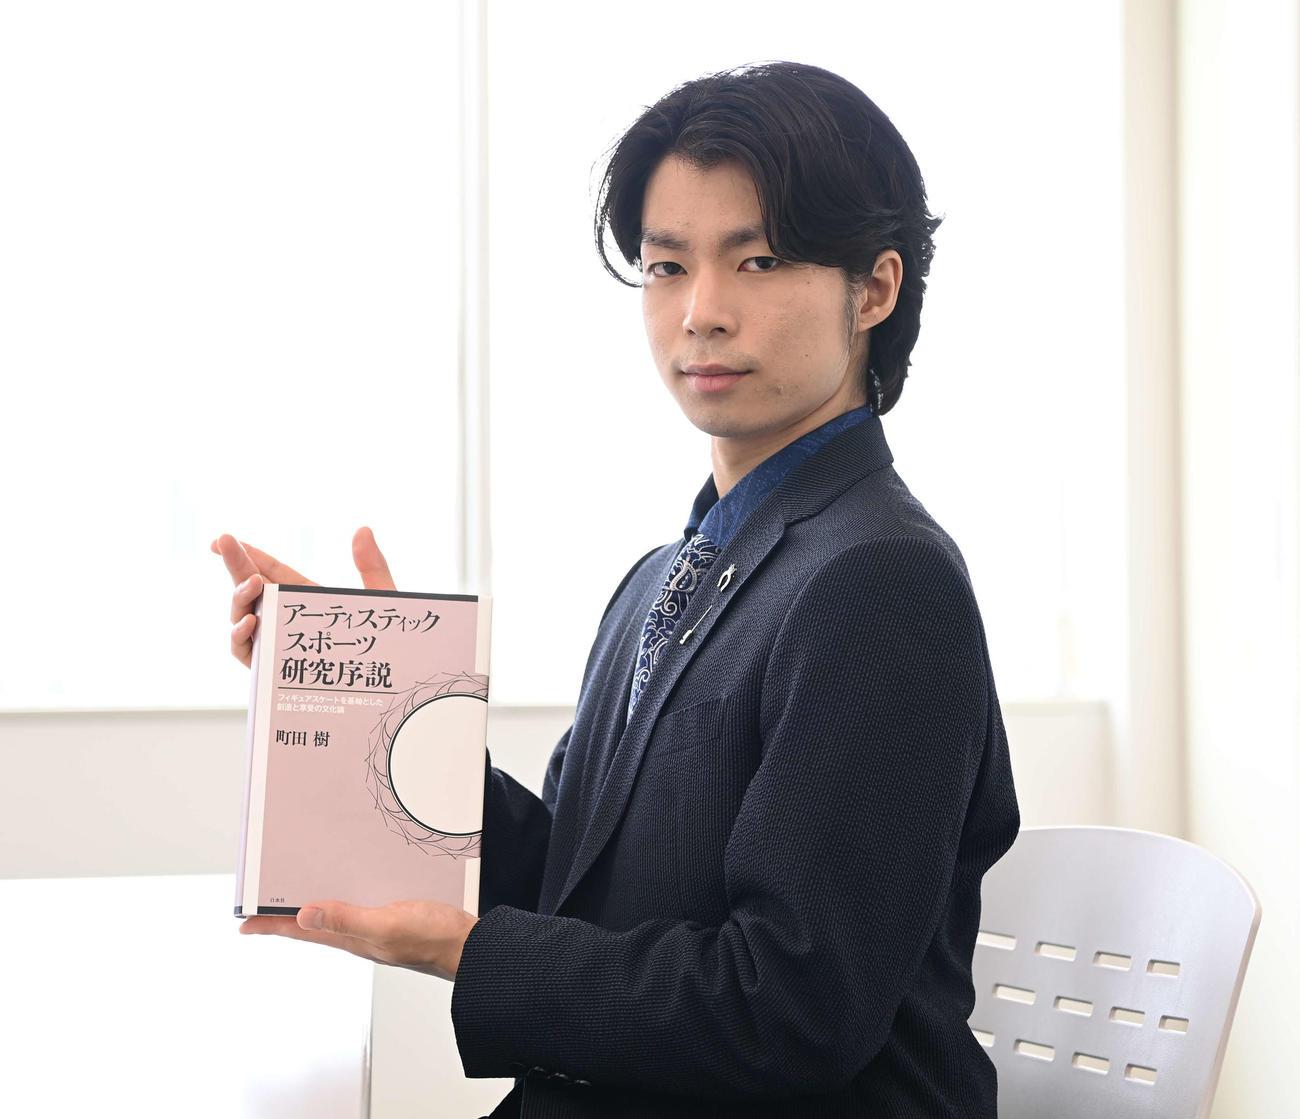 著書「アーティスティックスポーツ研究序説」を手に写真に納まる町田樹氏(撮影・鈴木みどり)